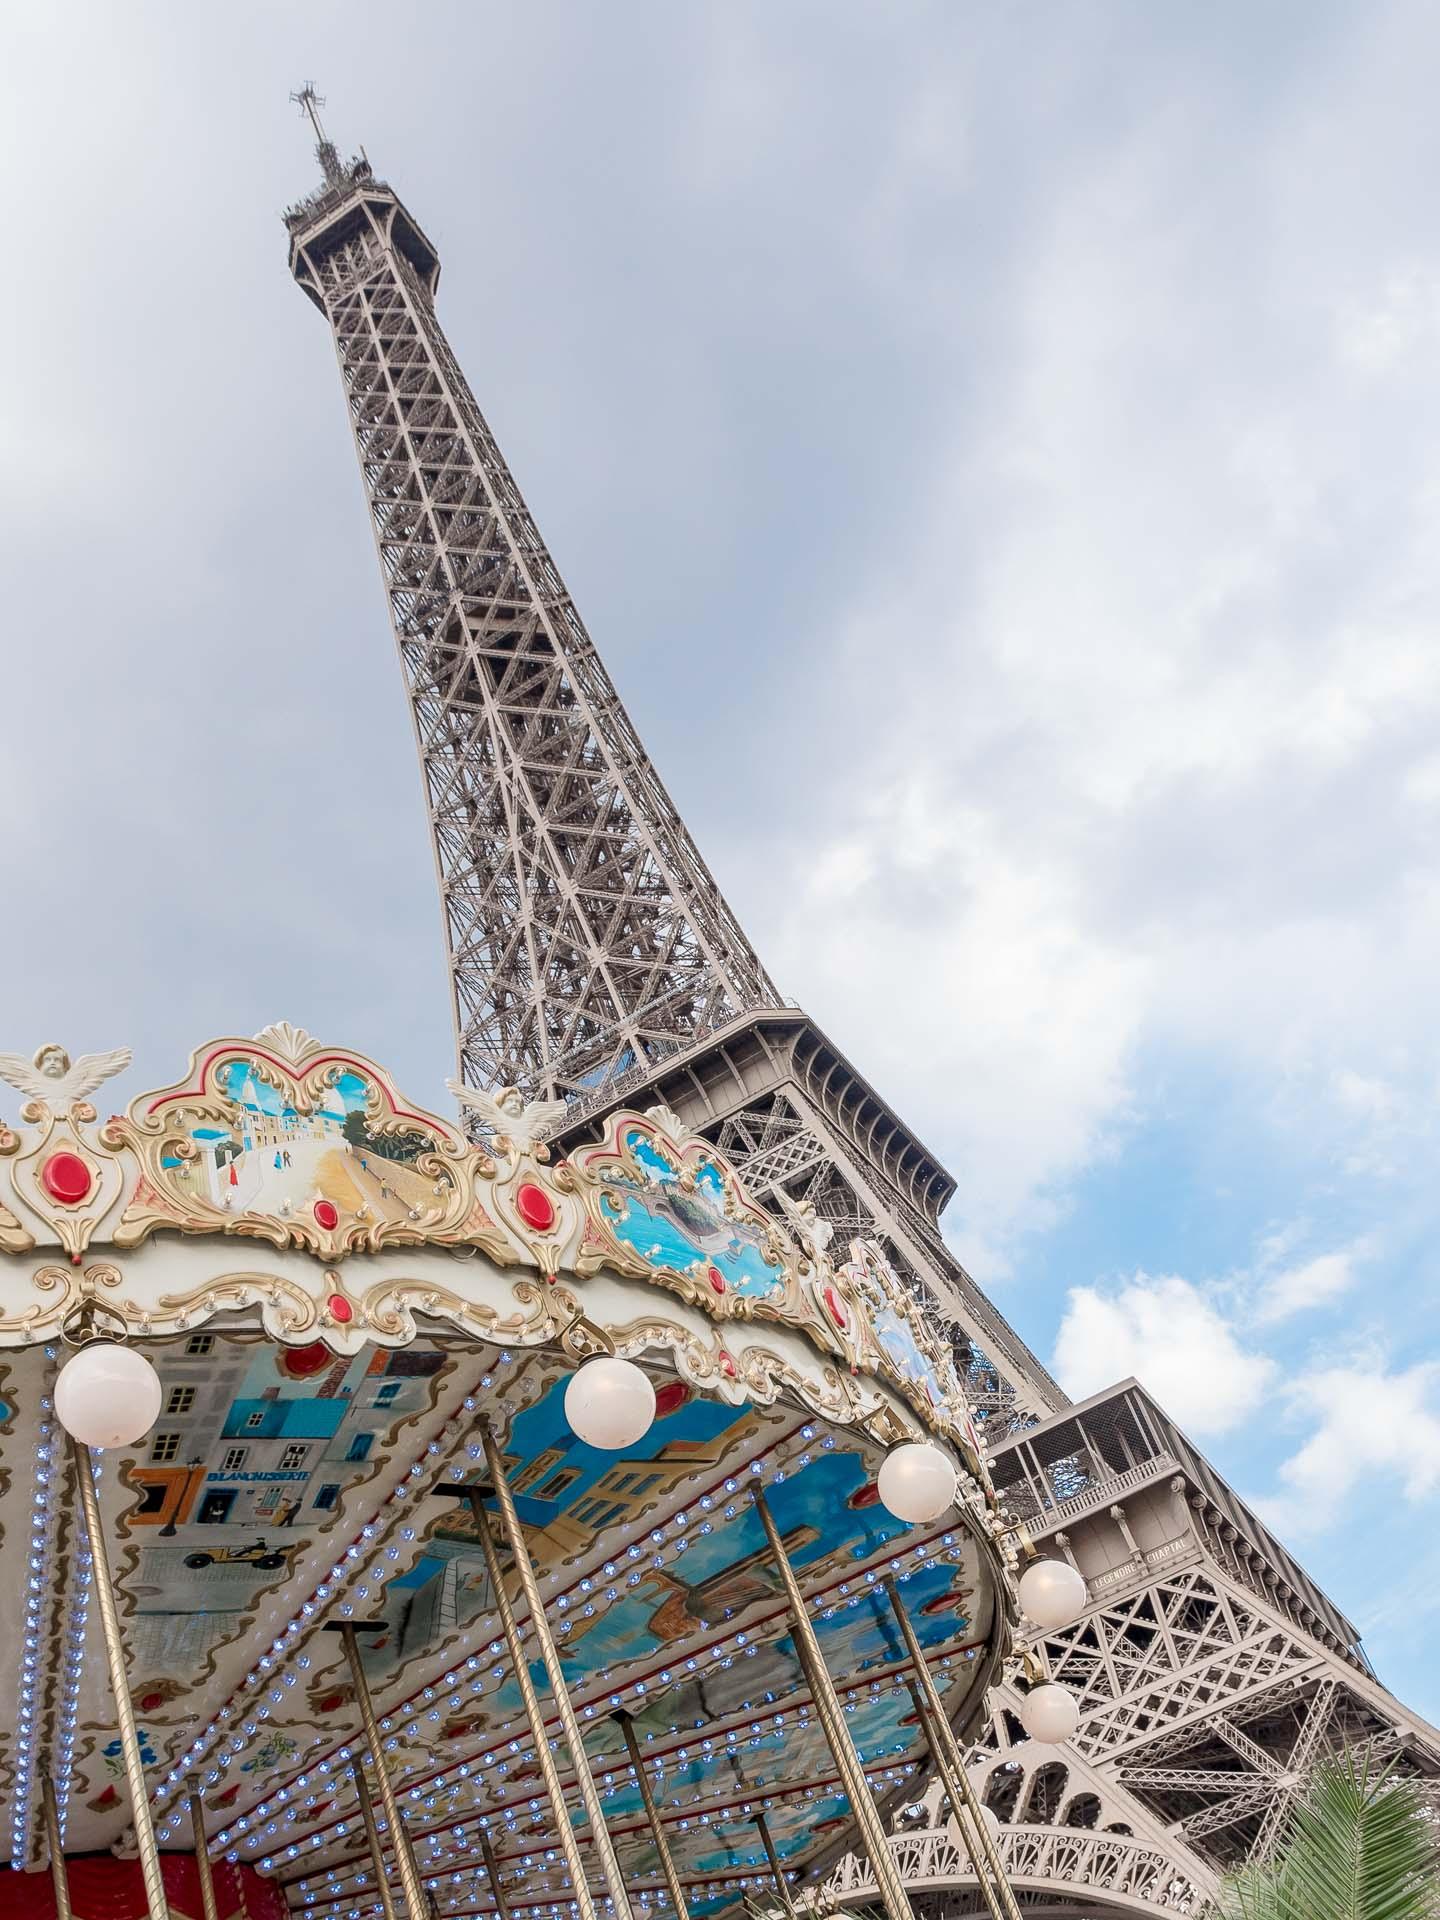 Paris Reisetipps: Eiffelturm & Karussel